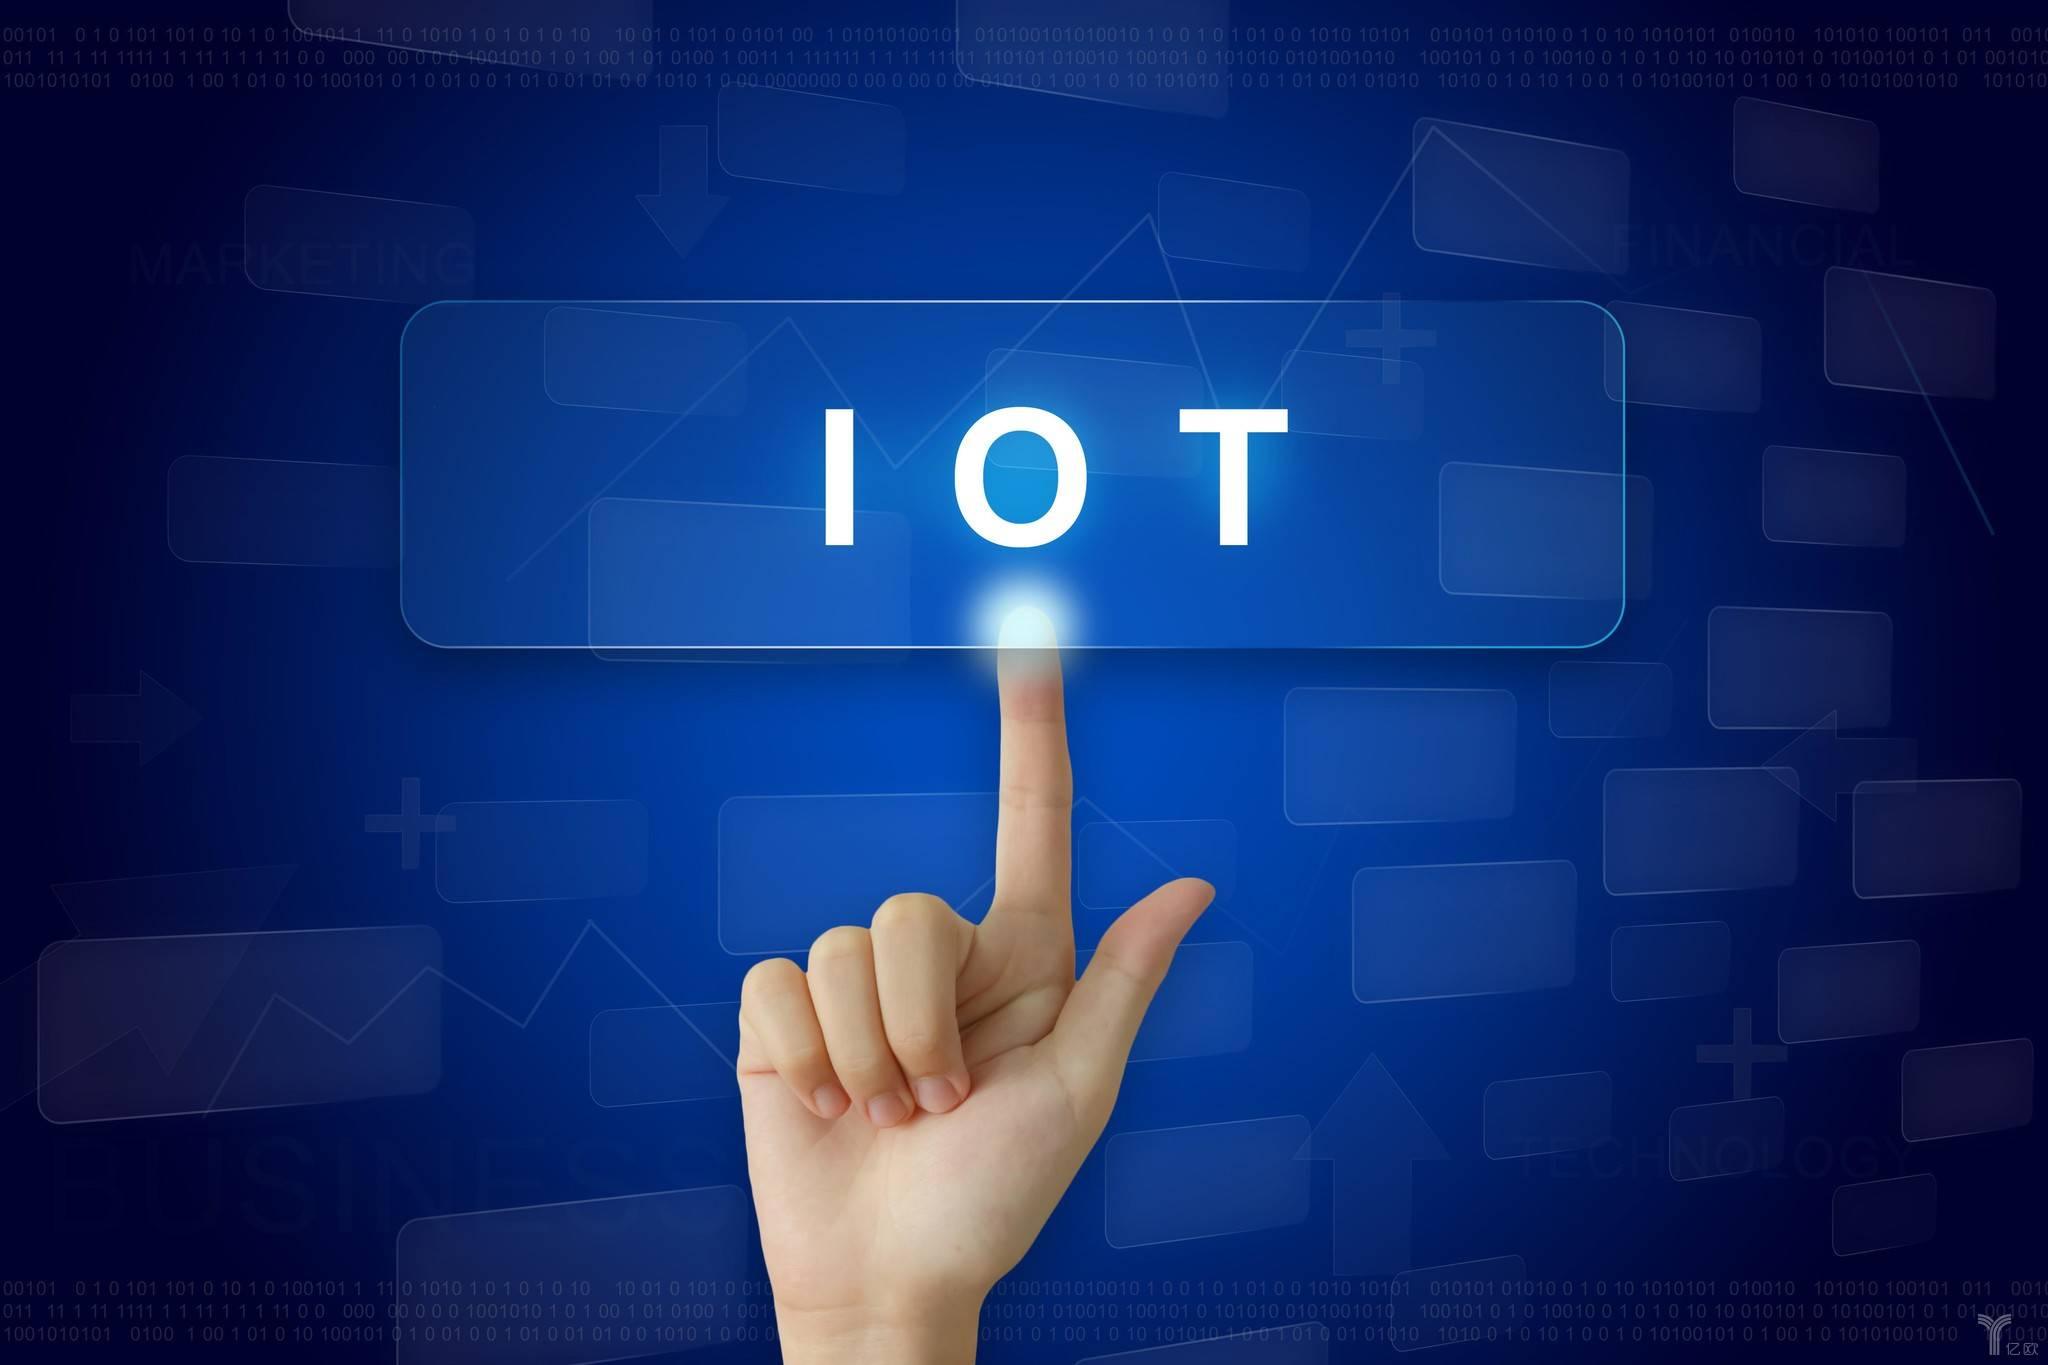 华为、阿里和联通,巨头如何布局IoT战略?